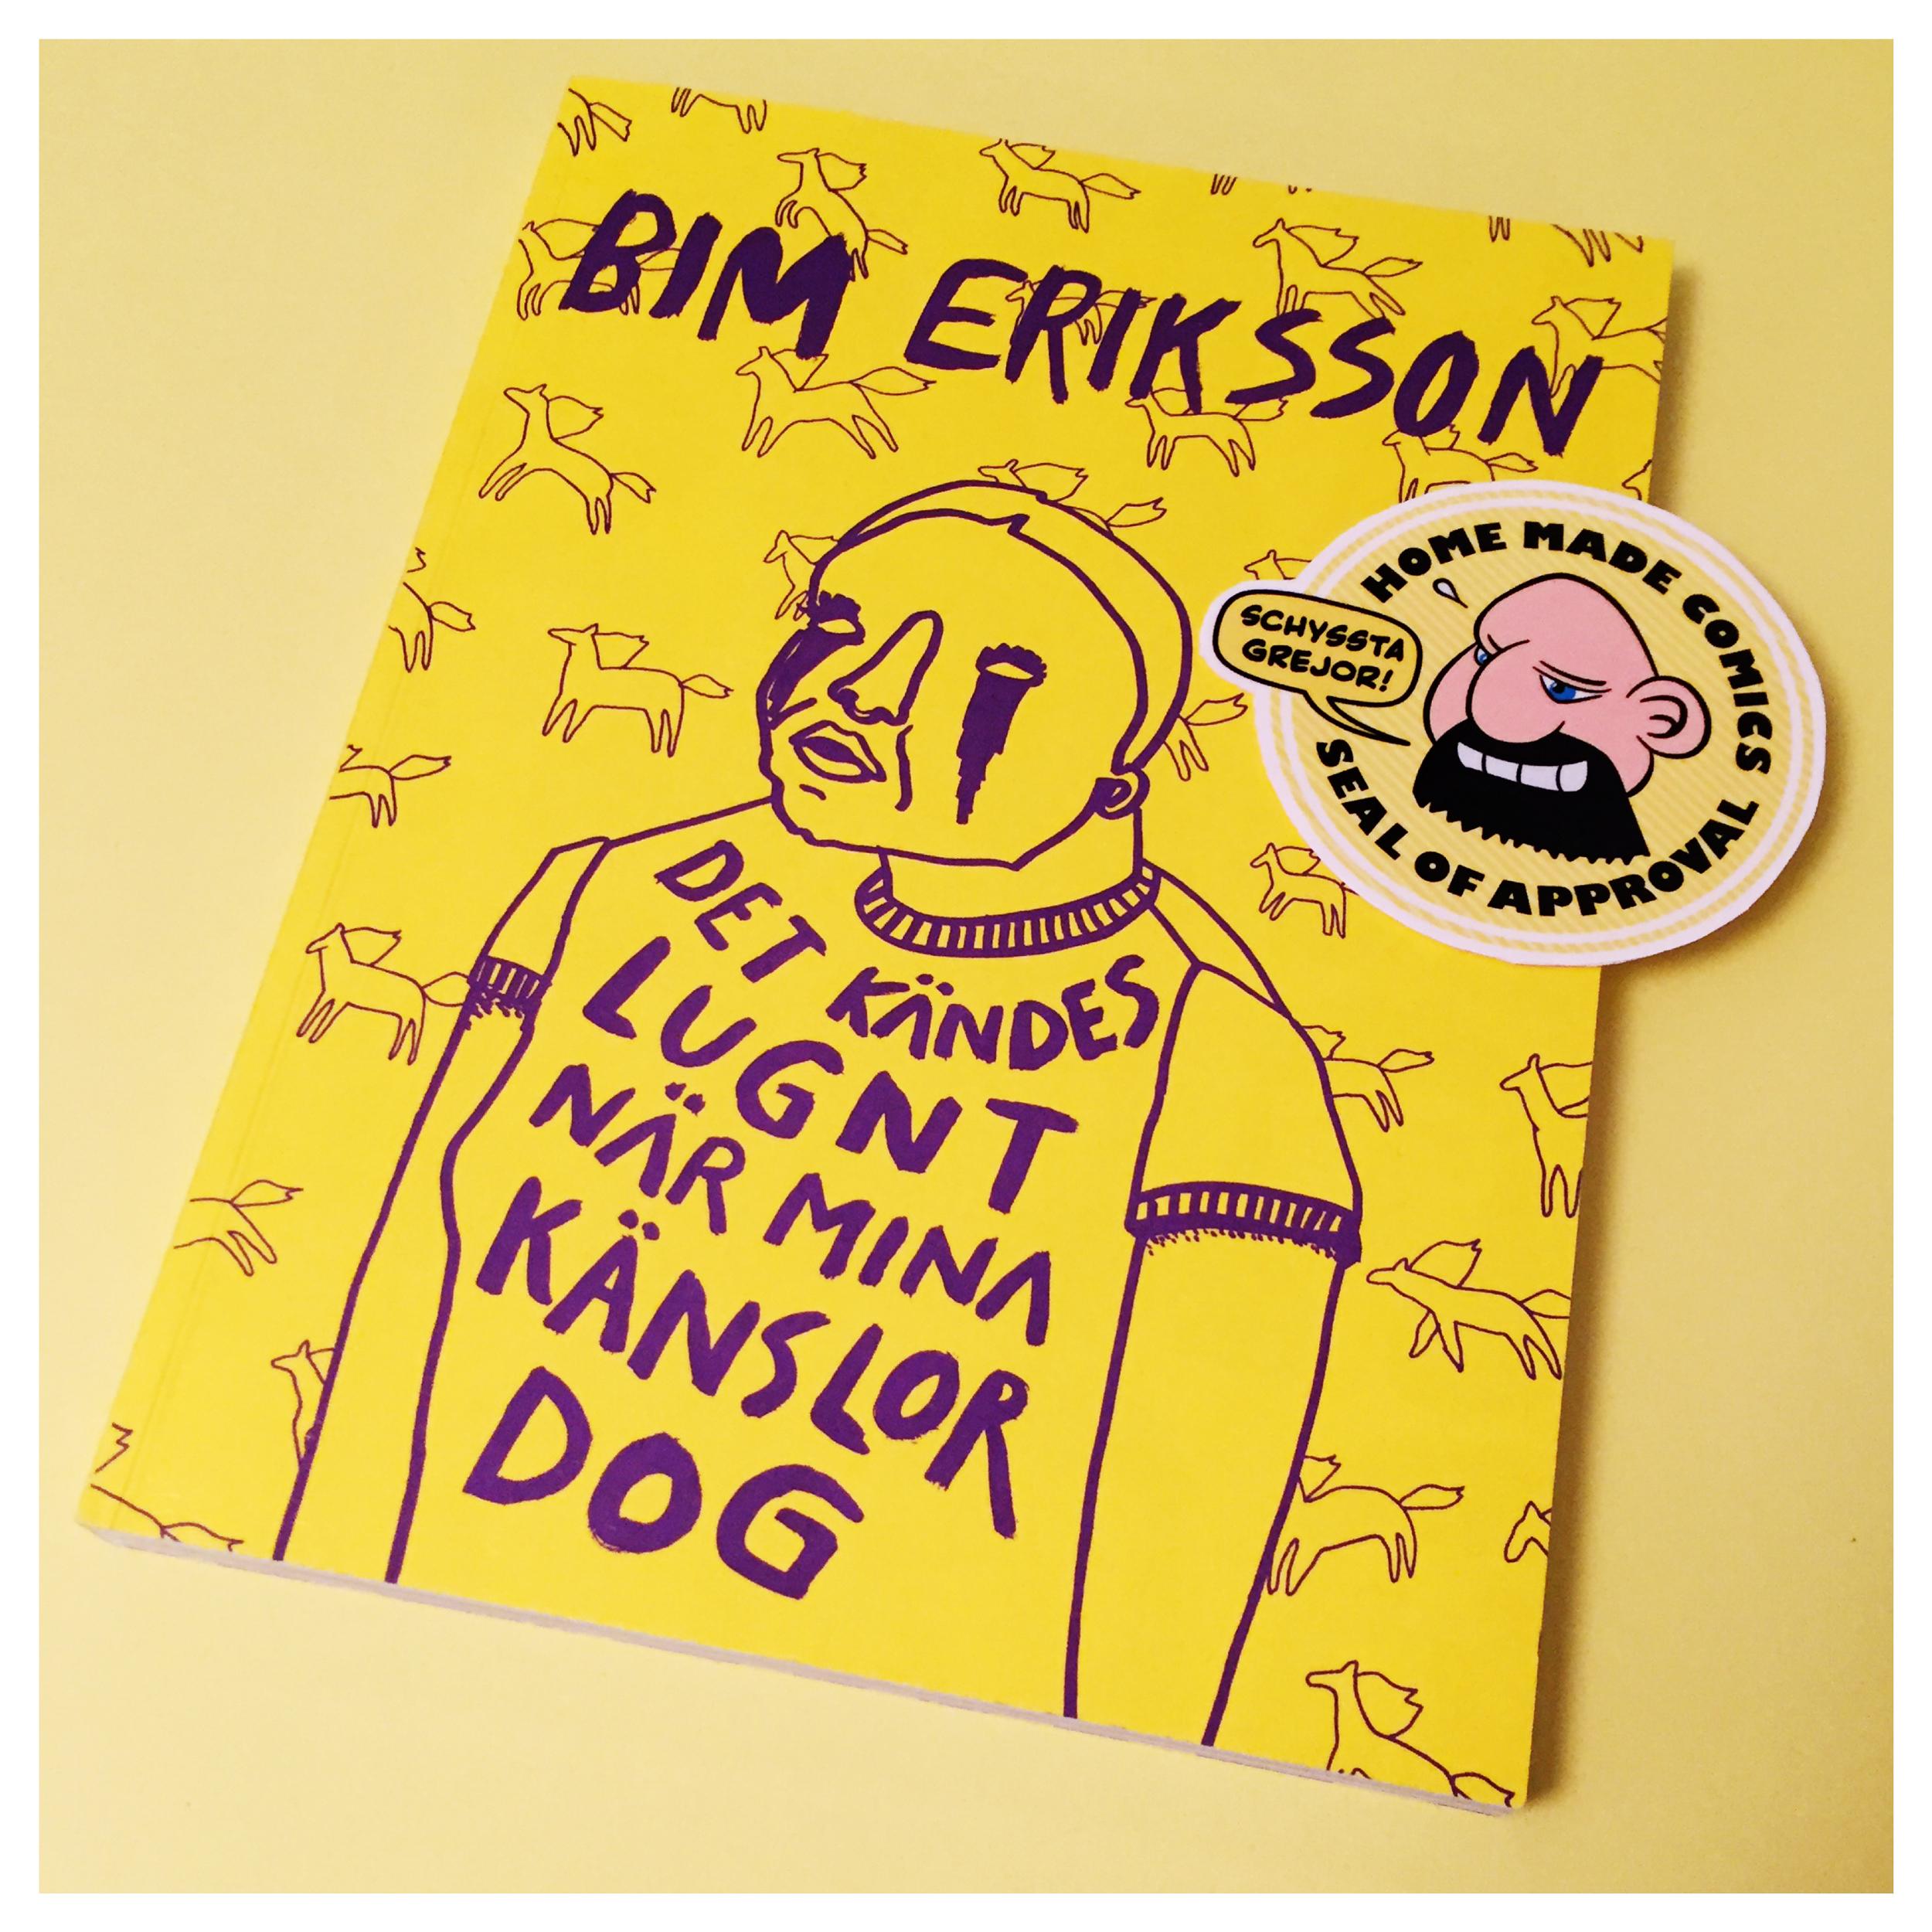 Home Made Comics Seal of Approval #124 Det kändes lugnt när mina känslor dog av Bim Eriksson utgiven av Kartago 2016.